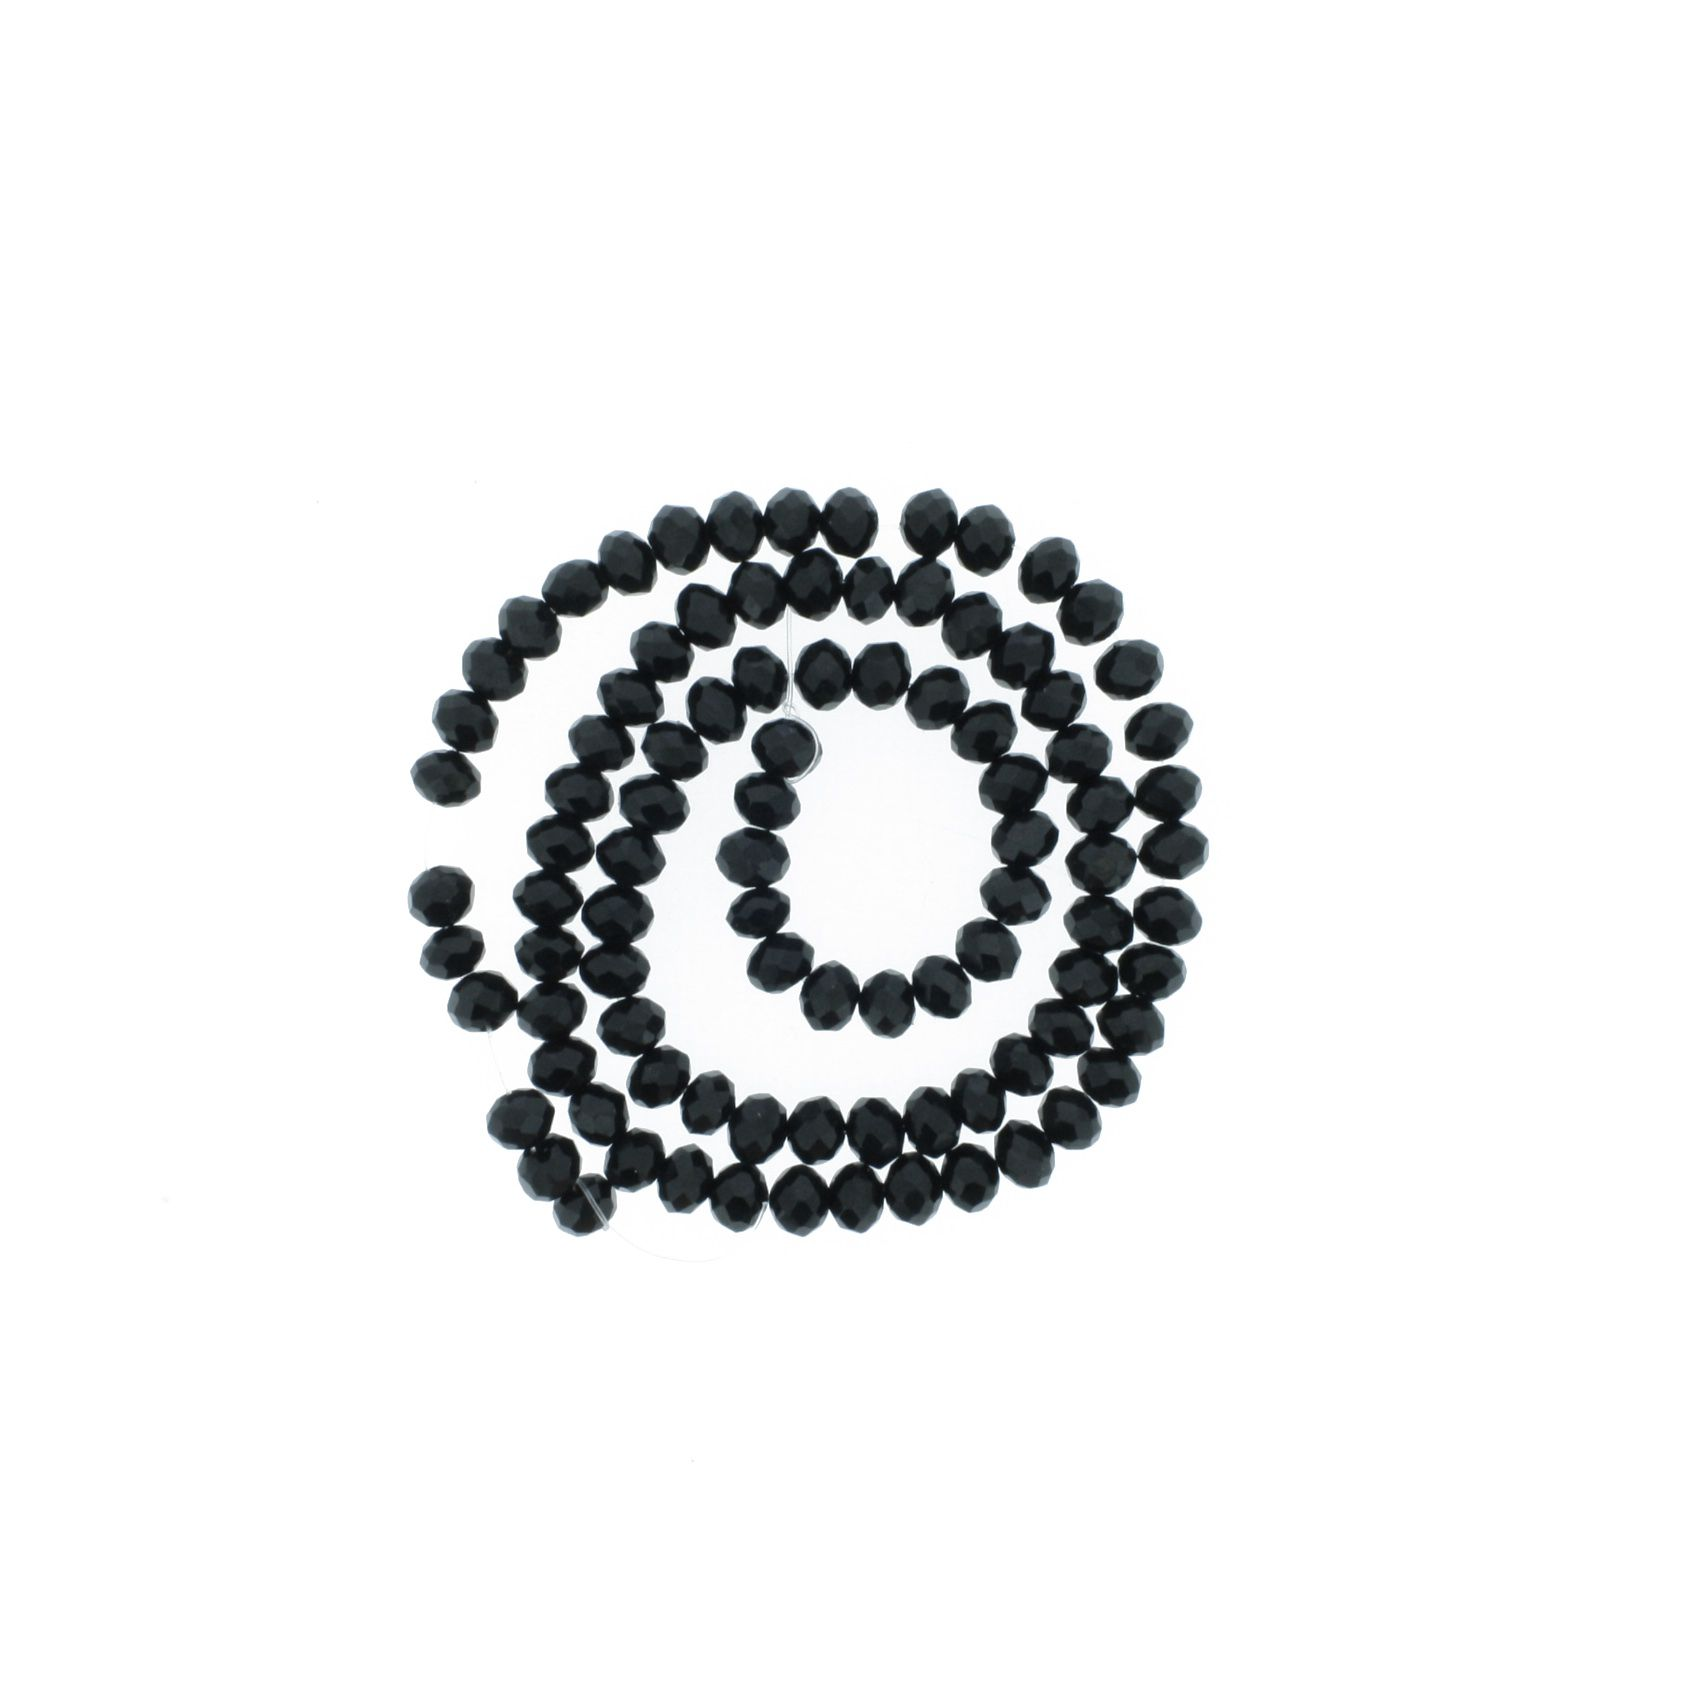 Fio de Cristal - Piatto® - Preto - 6mm  - Universo Religioso® - Artigos de Umbanda e Candomblé